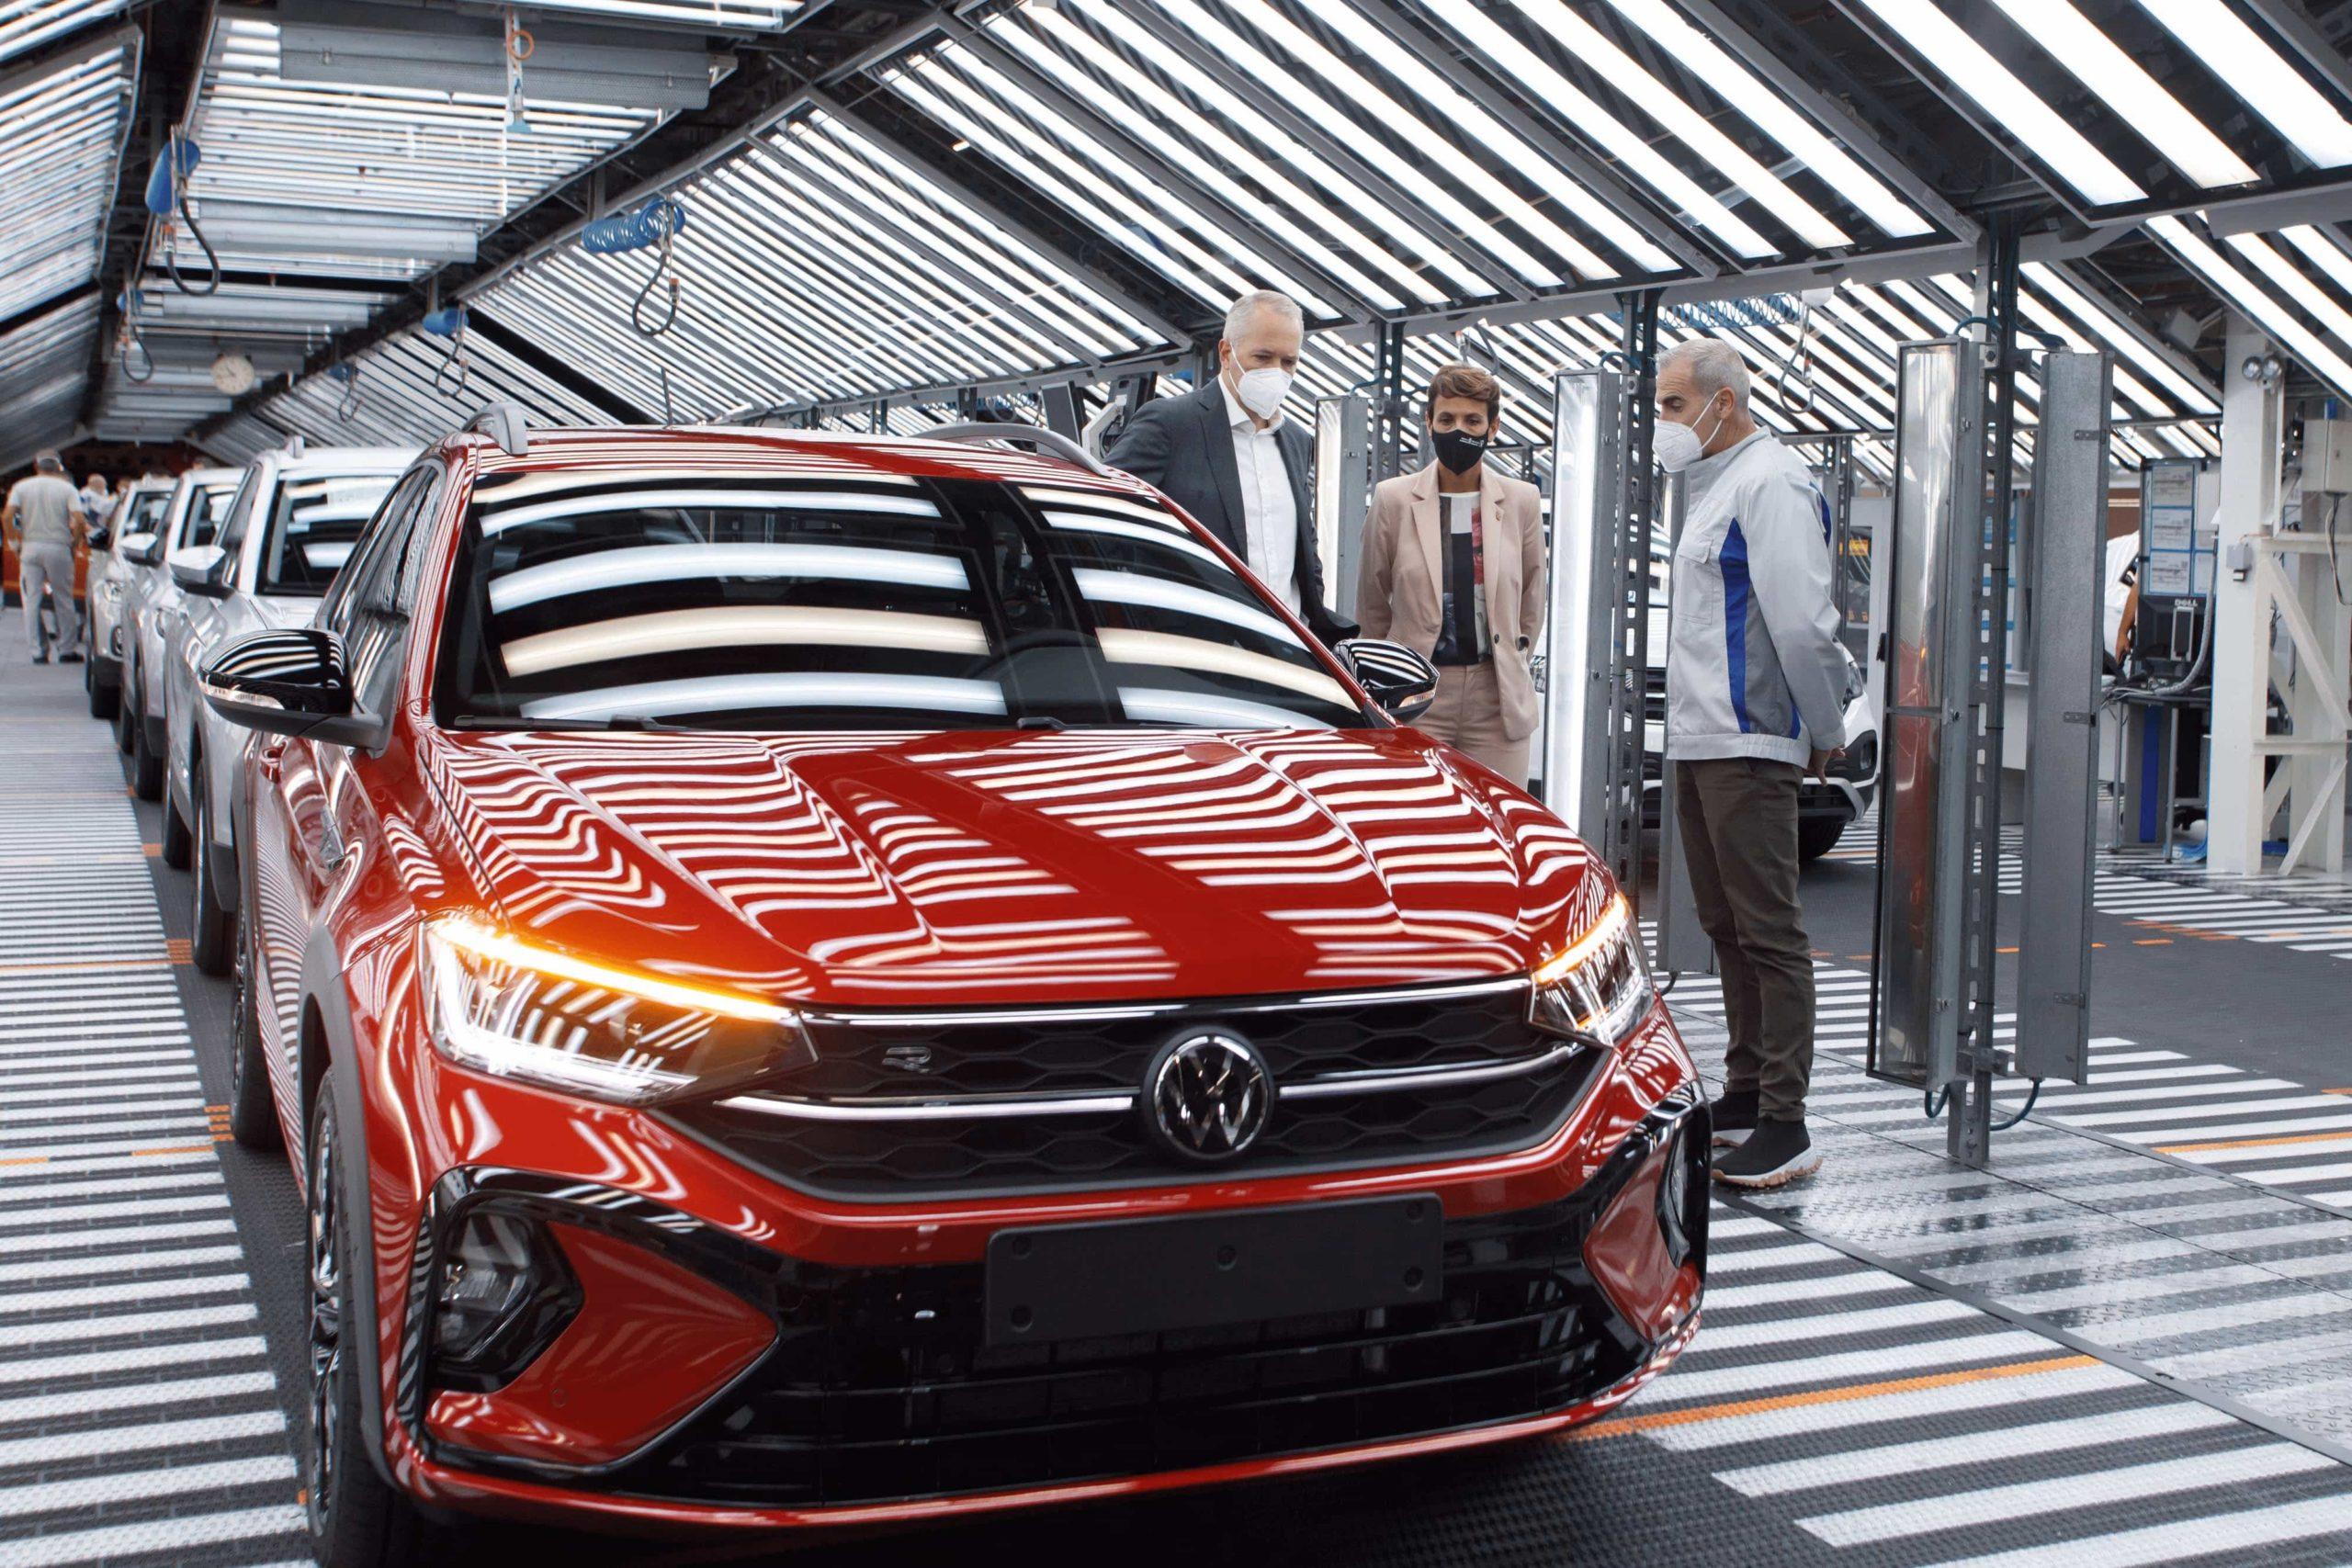 Volkswagen Navarra inicia la produccion en serie del nuevo Taigo en exclusiva para Europa 1 (1)